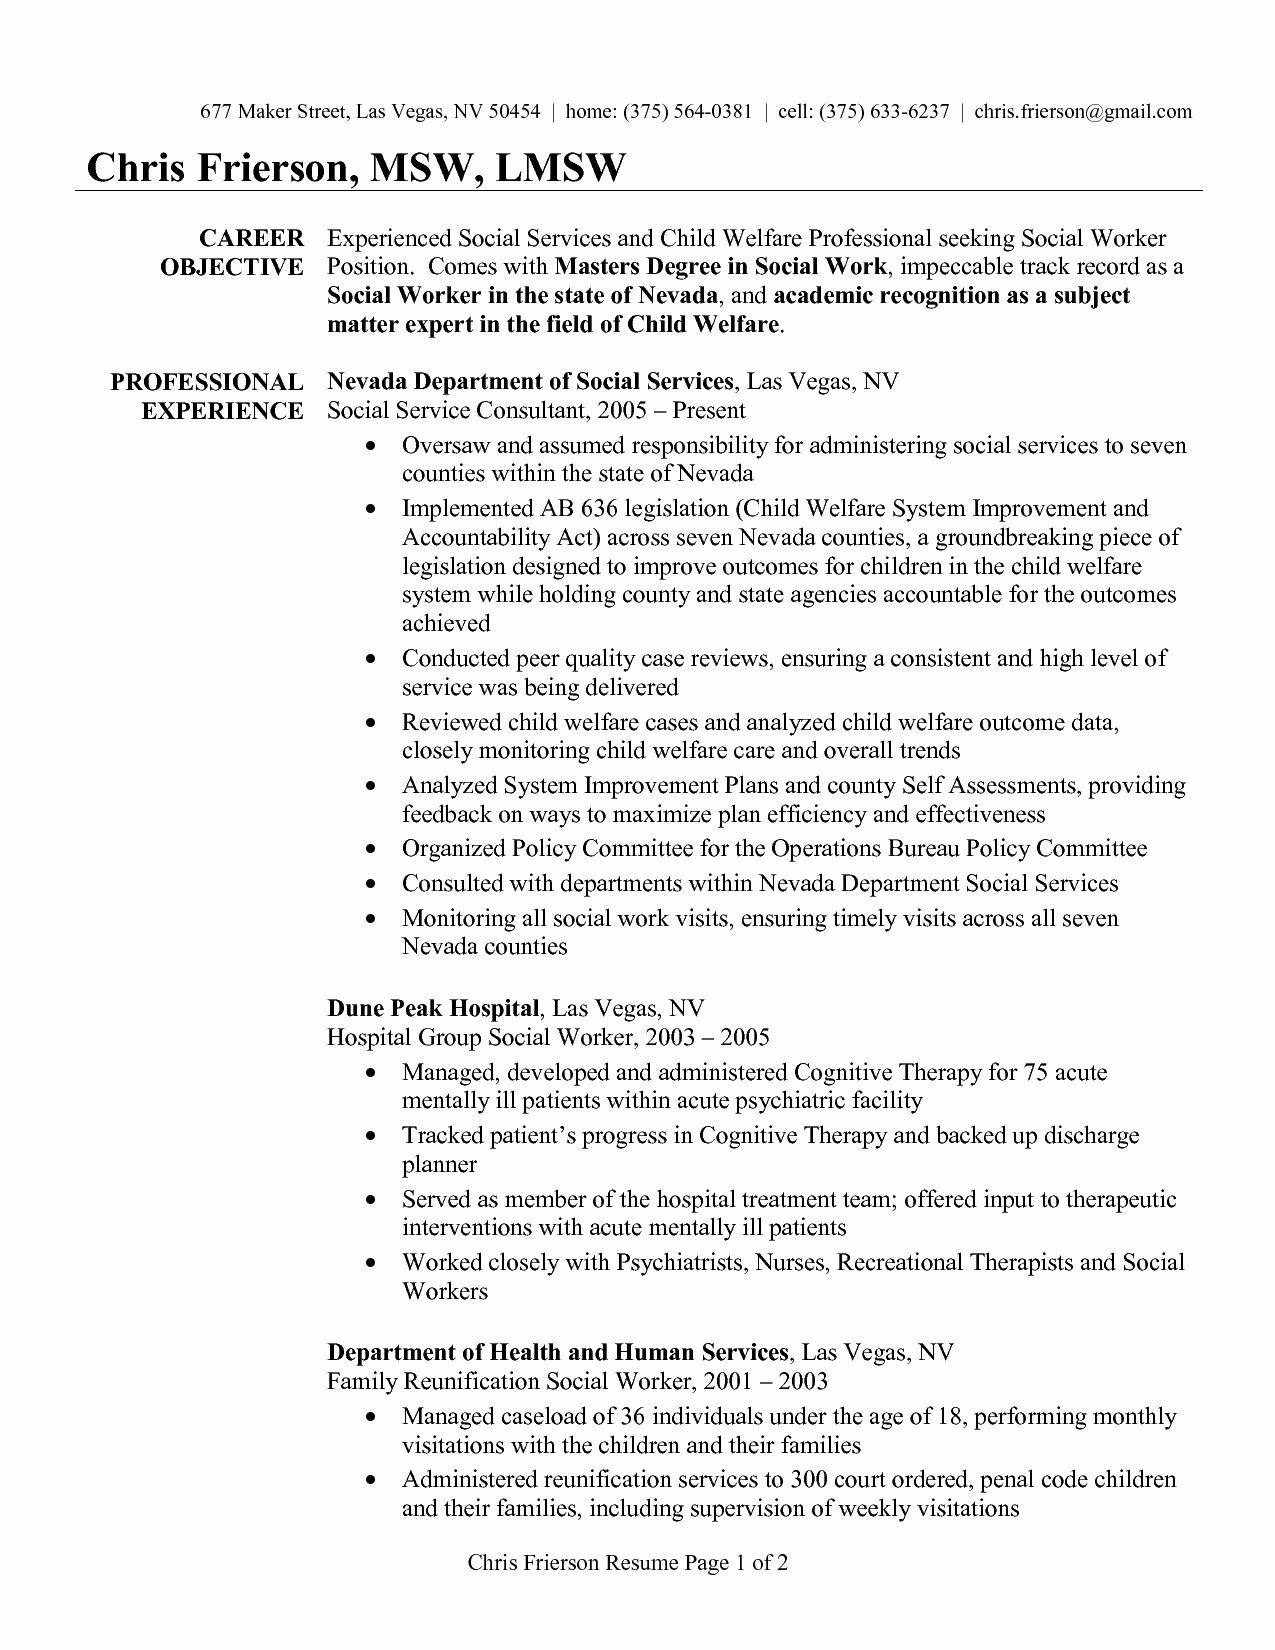 Entry Level Social Work Resume Inspirational Social Work Resume